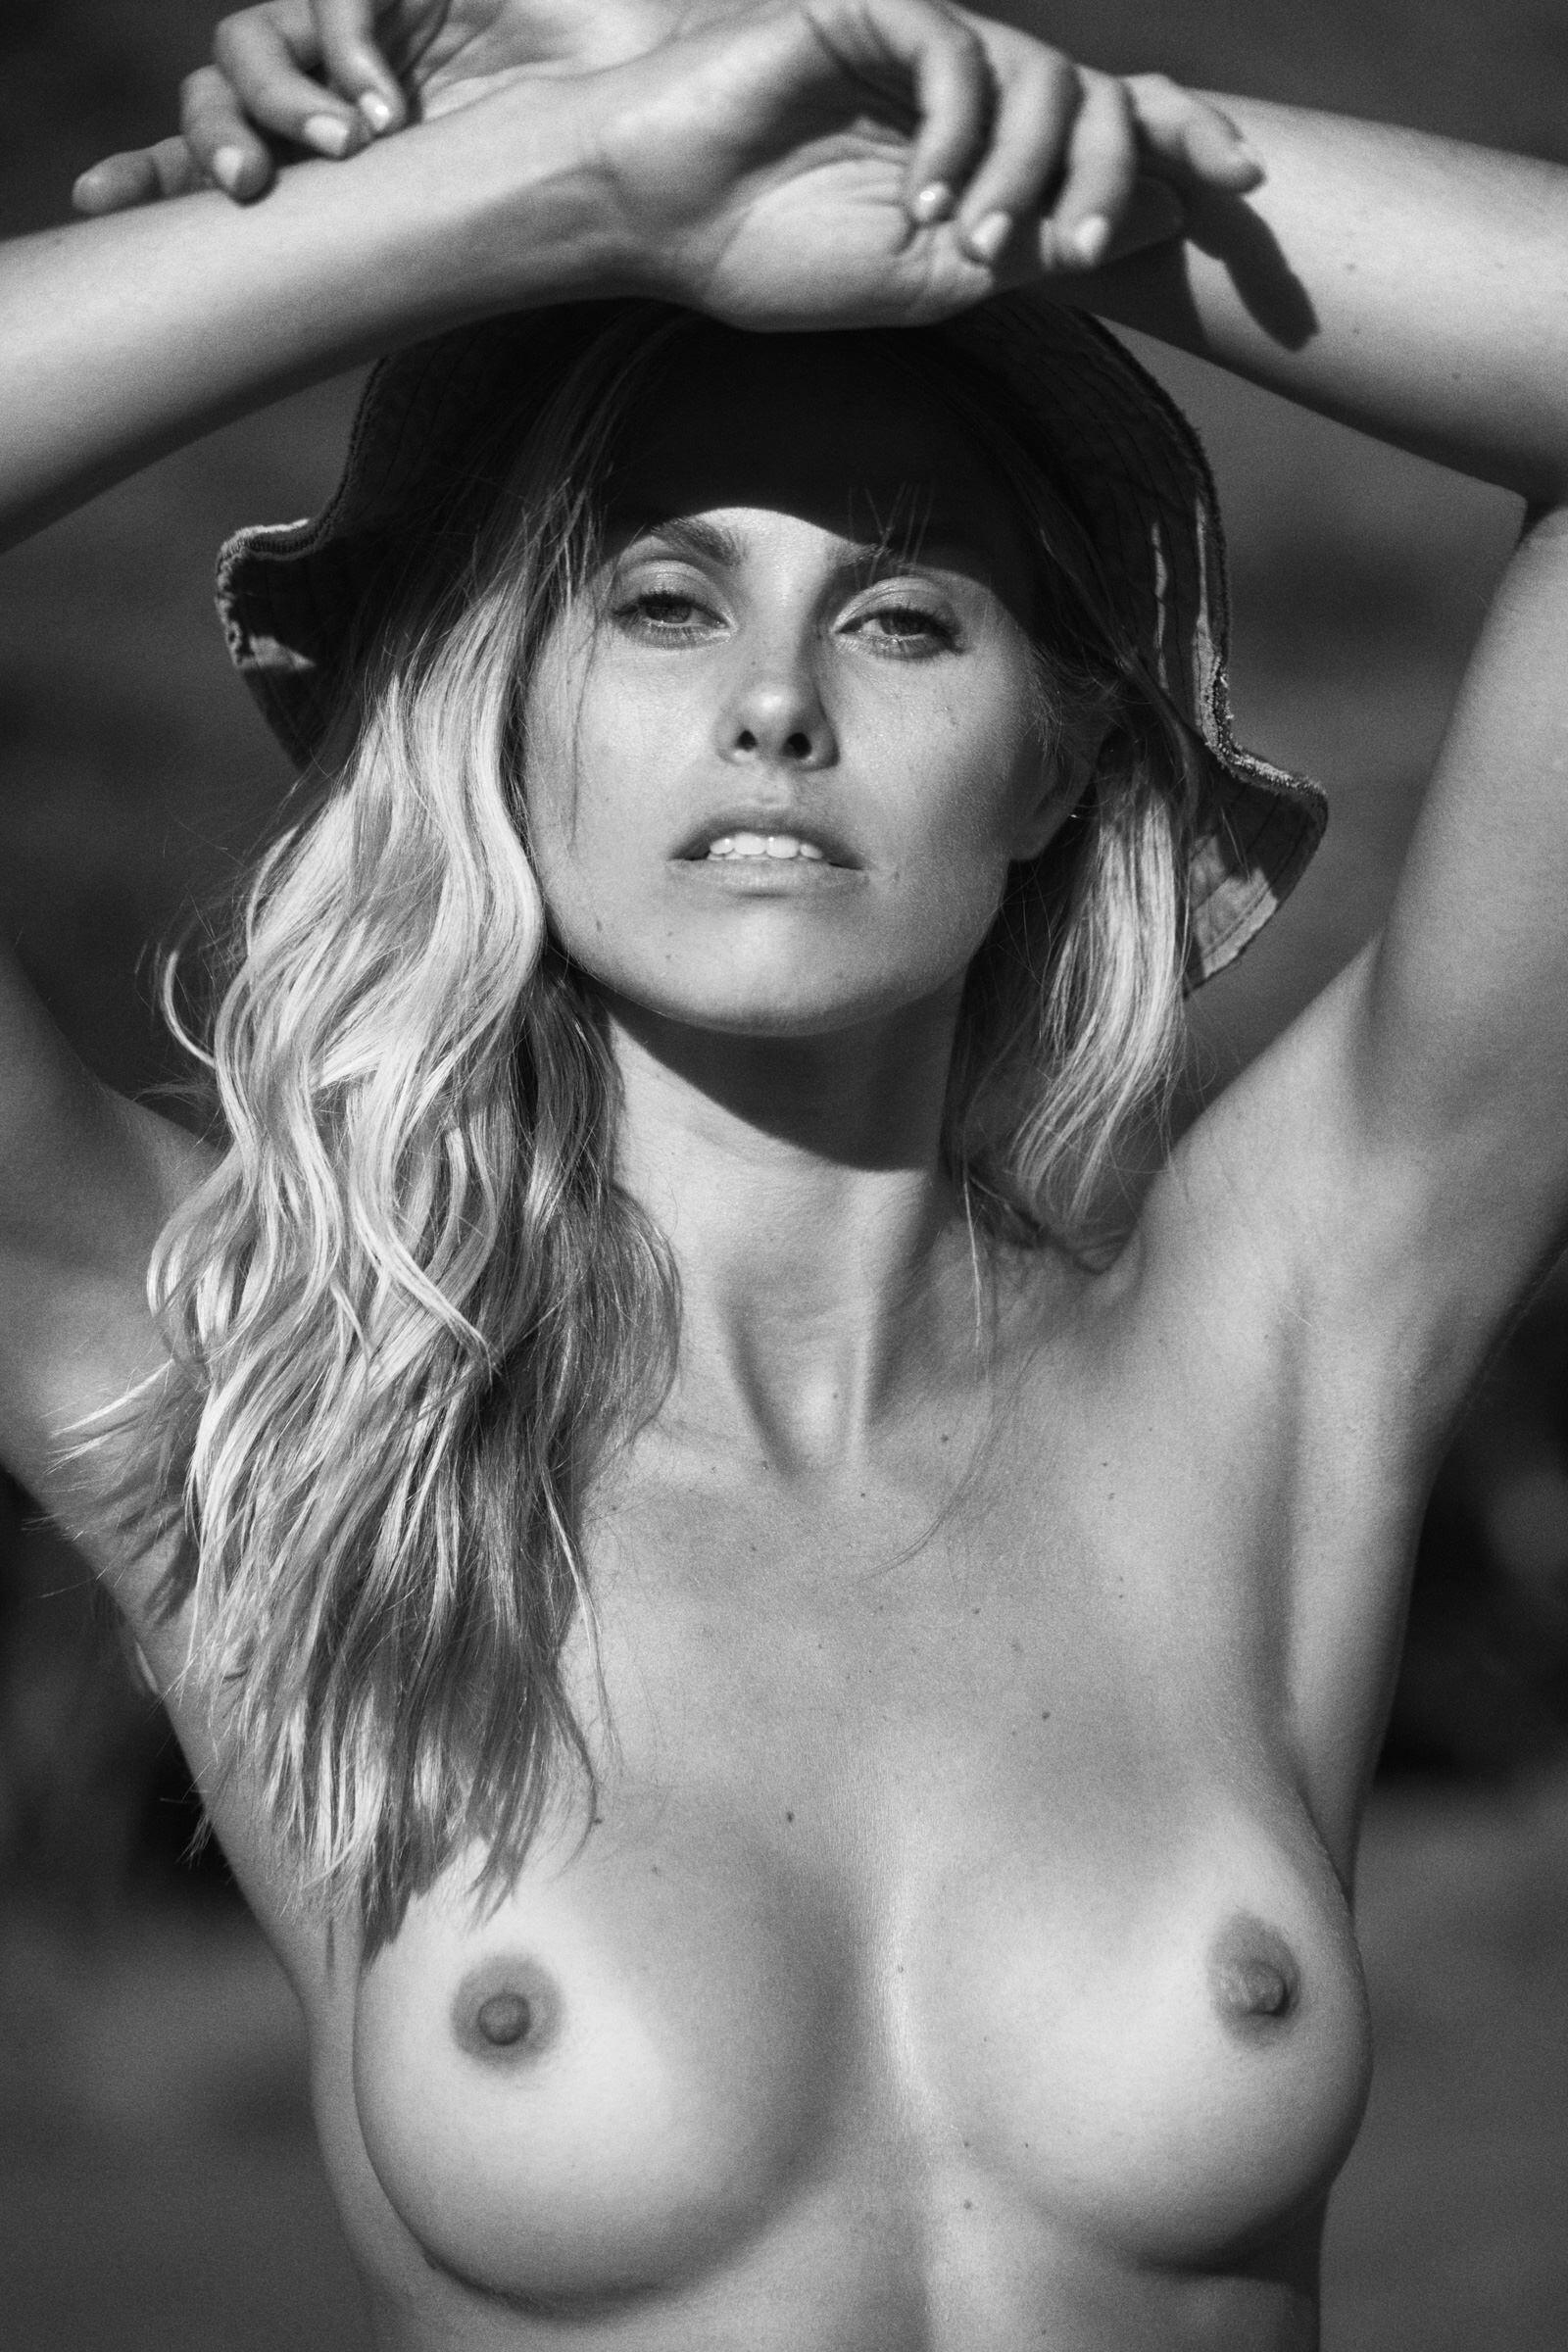 Sarah Stephens Nude Photos By Cameron Mackie